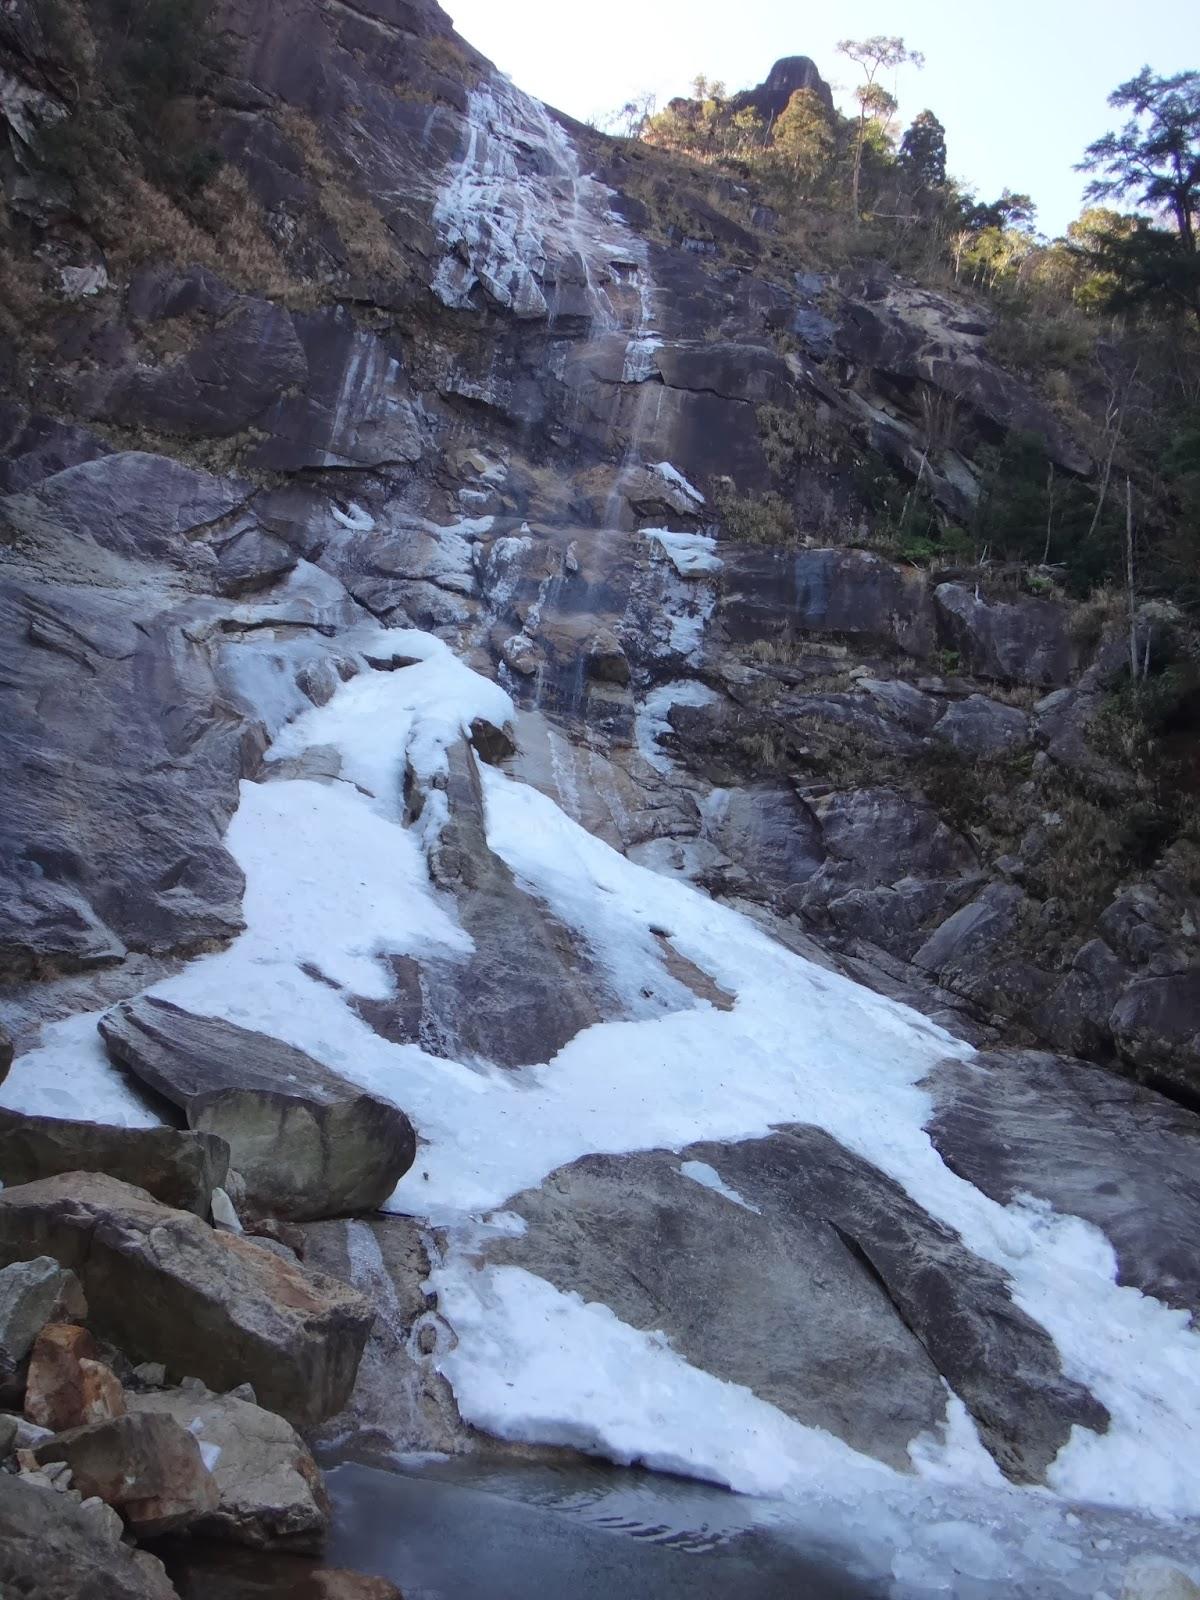 落ち水の滝から大崩山頂へのルートは?